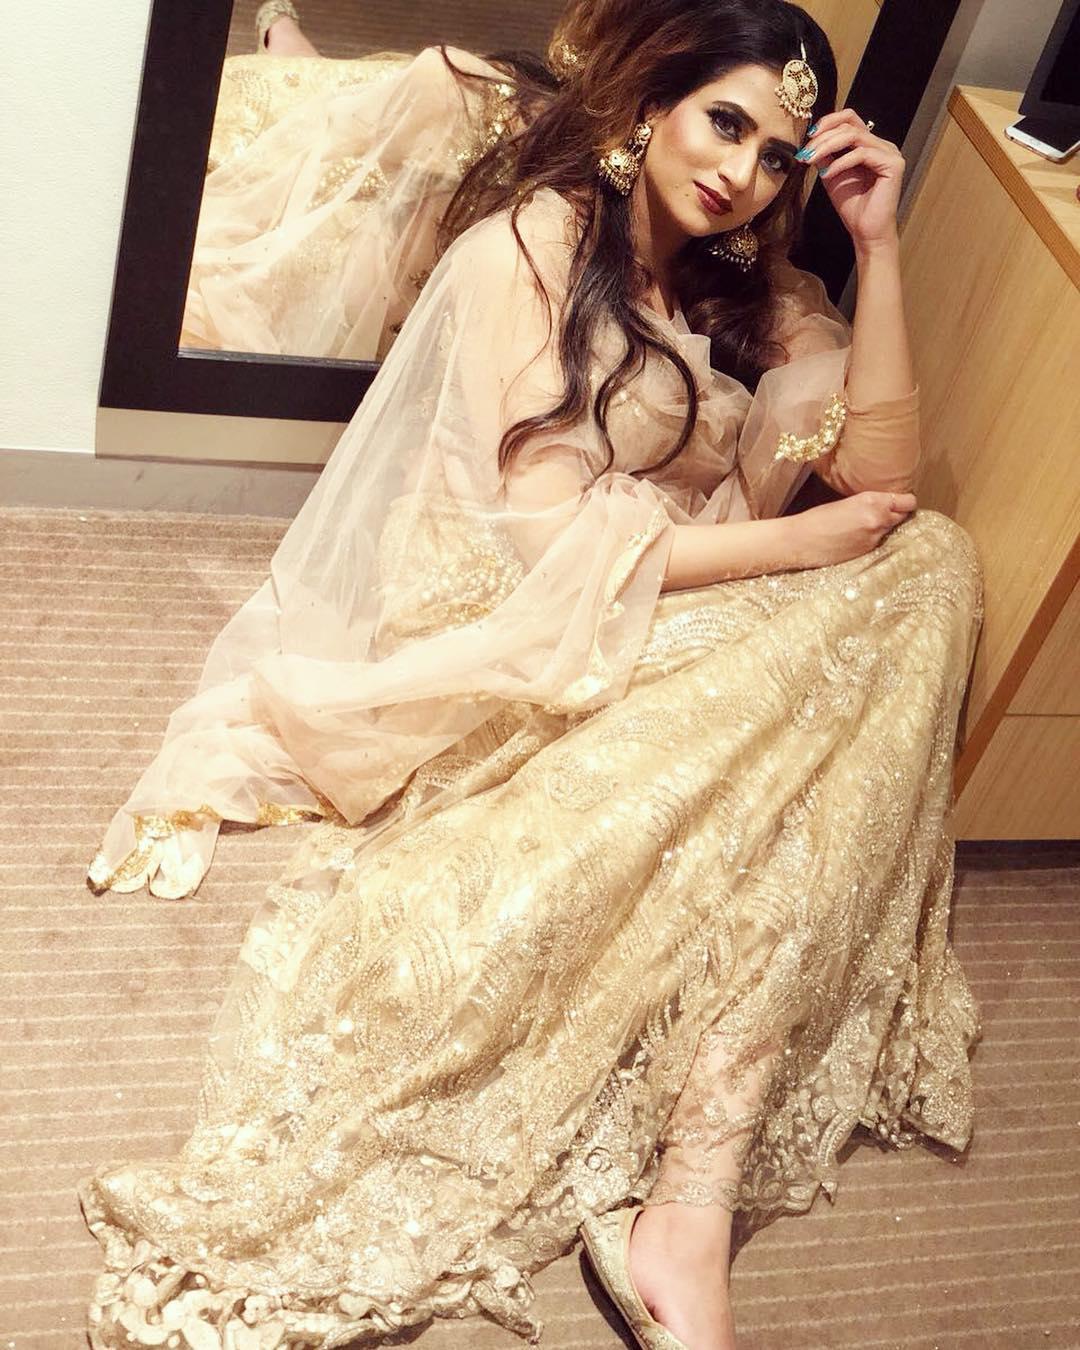 Bollywood Tadka, ओशिन बरार फोटो, ओशिन बरार इमेज, ओशिन बरार फोटो वॉलपेपर फुल एचडी फोटो गैलरी फ्री डाउनलोड